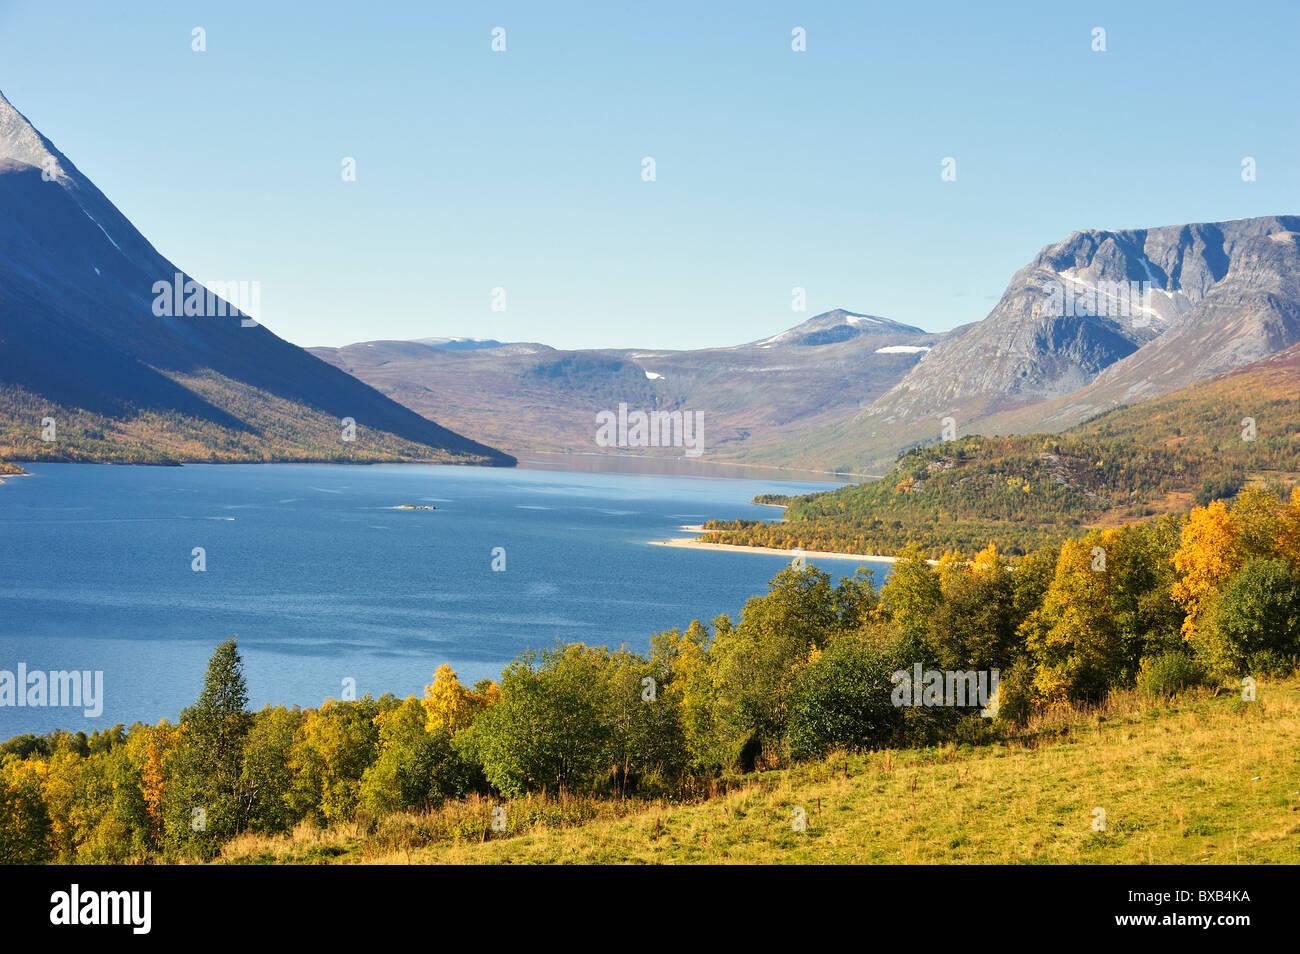 Des montagnes et des forêts sur la mer Photo Stock